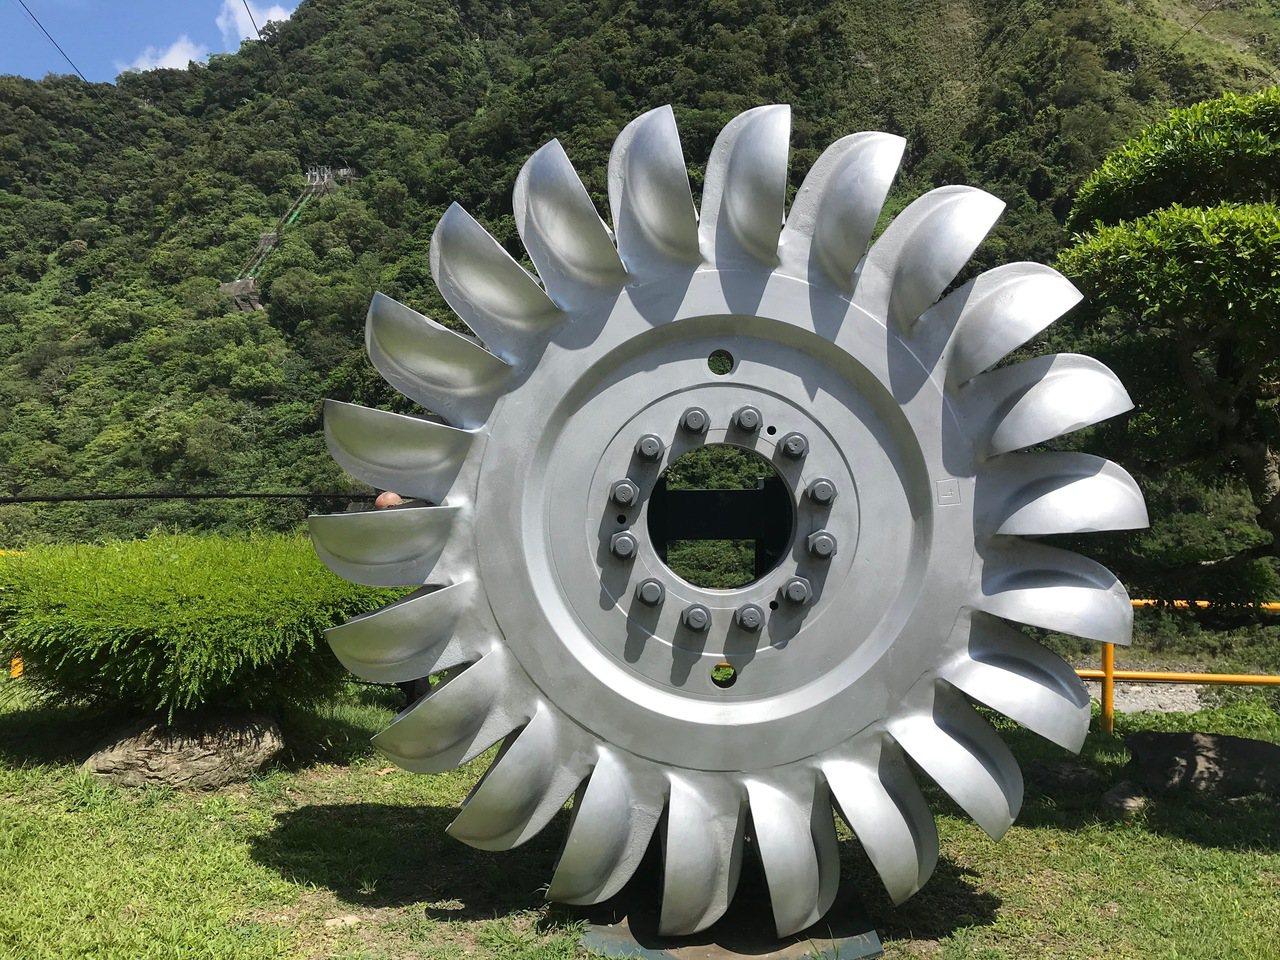 東部水力發電廠的「佩爾頓式水輪機」,運用水流衝擊水斗帶動發電機旋轉發電,每小時可...